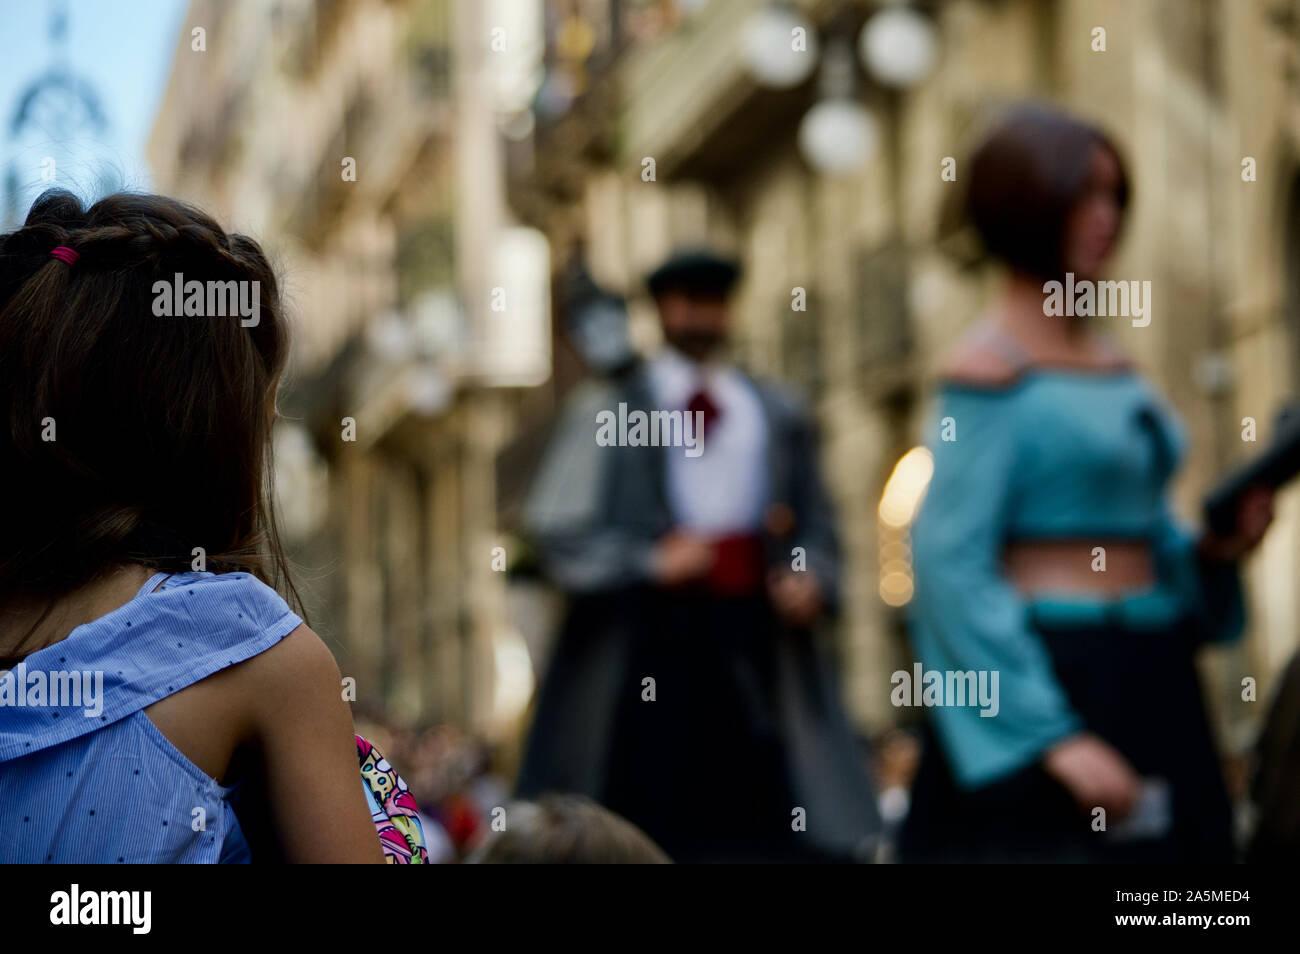 Une jeune fille regarder la parade de géants au cours de la Merce 2019 Festival à Plaça de Sant Jaume de Barcelone, Espagne Banque D'Images